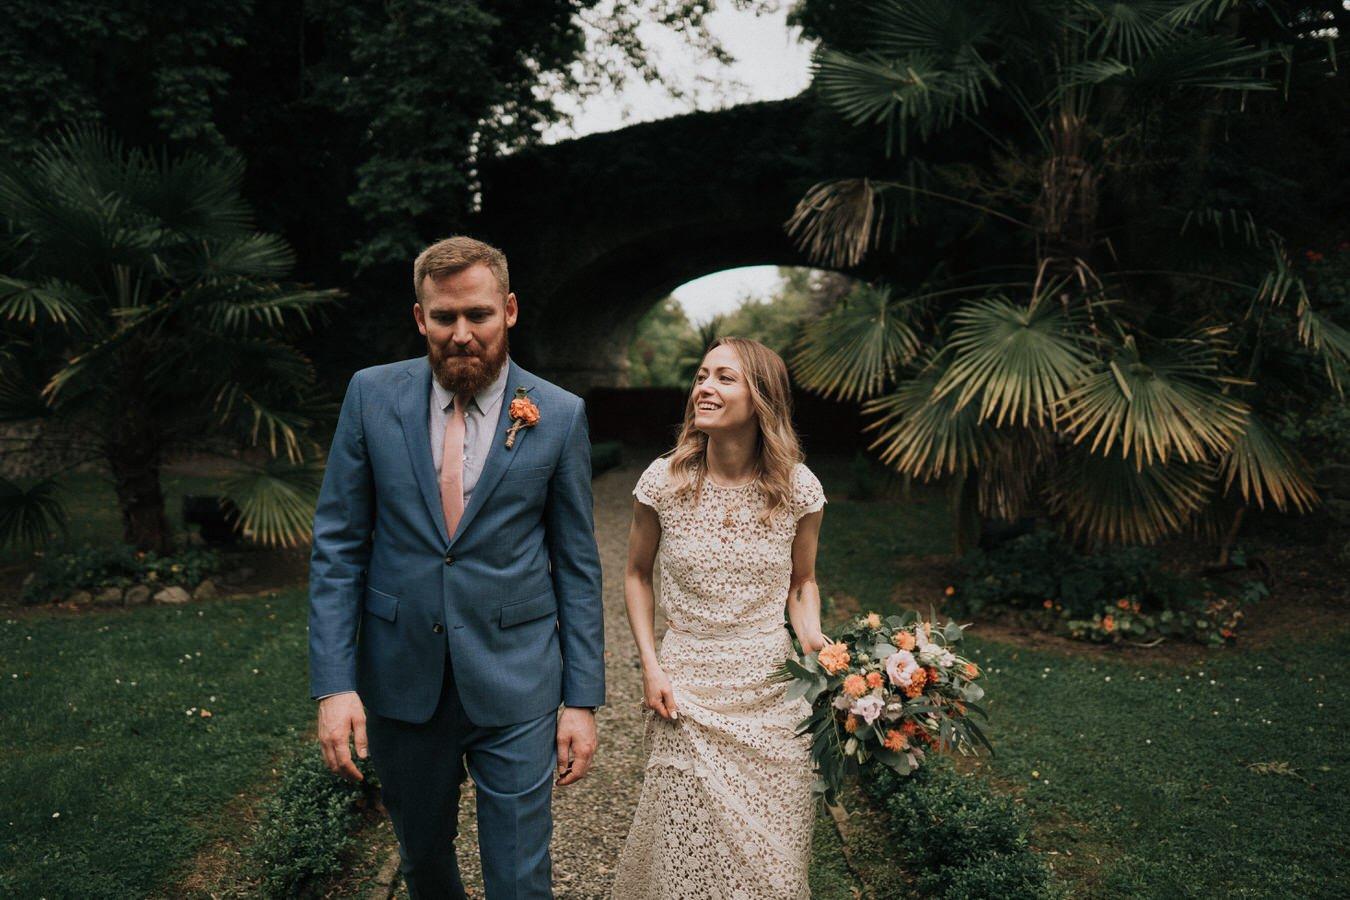 The-Station-House-wedding-Dublin-photographer- 0107 105